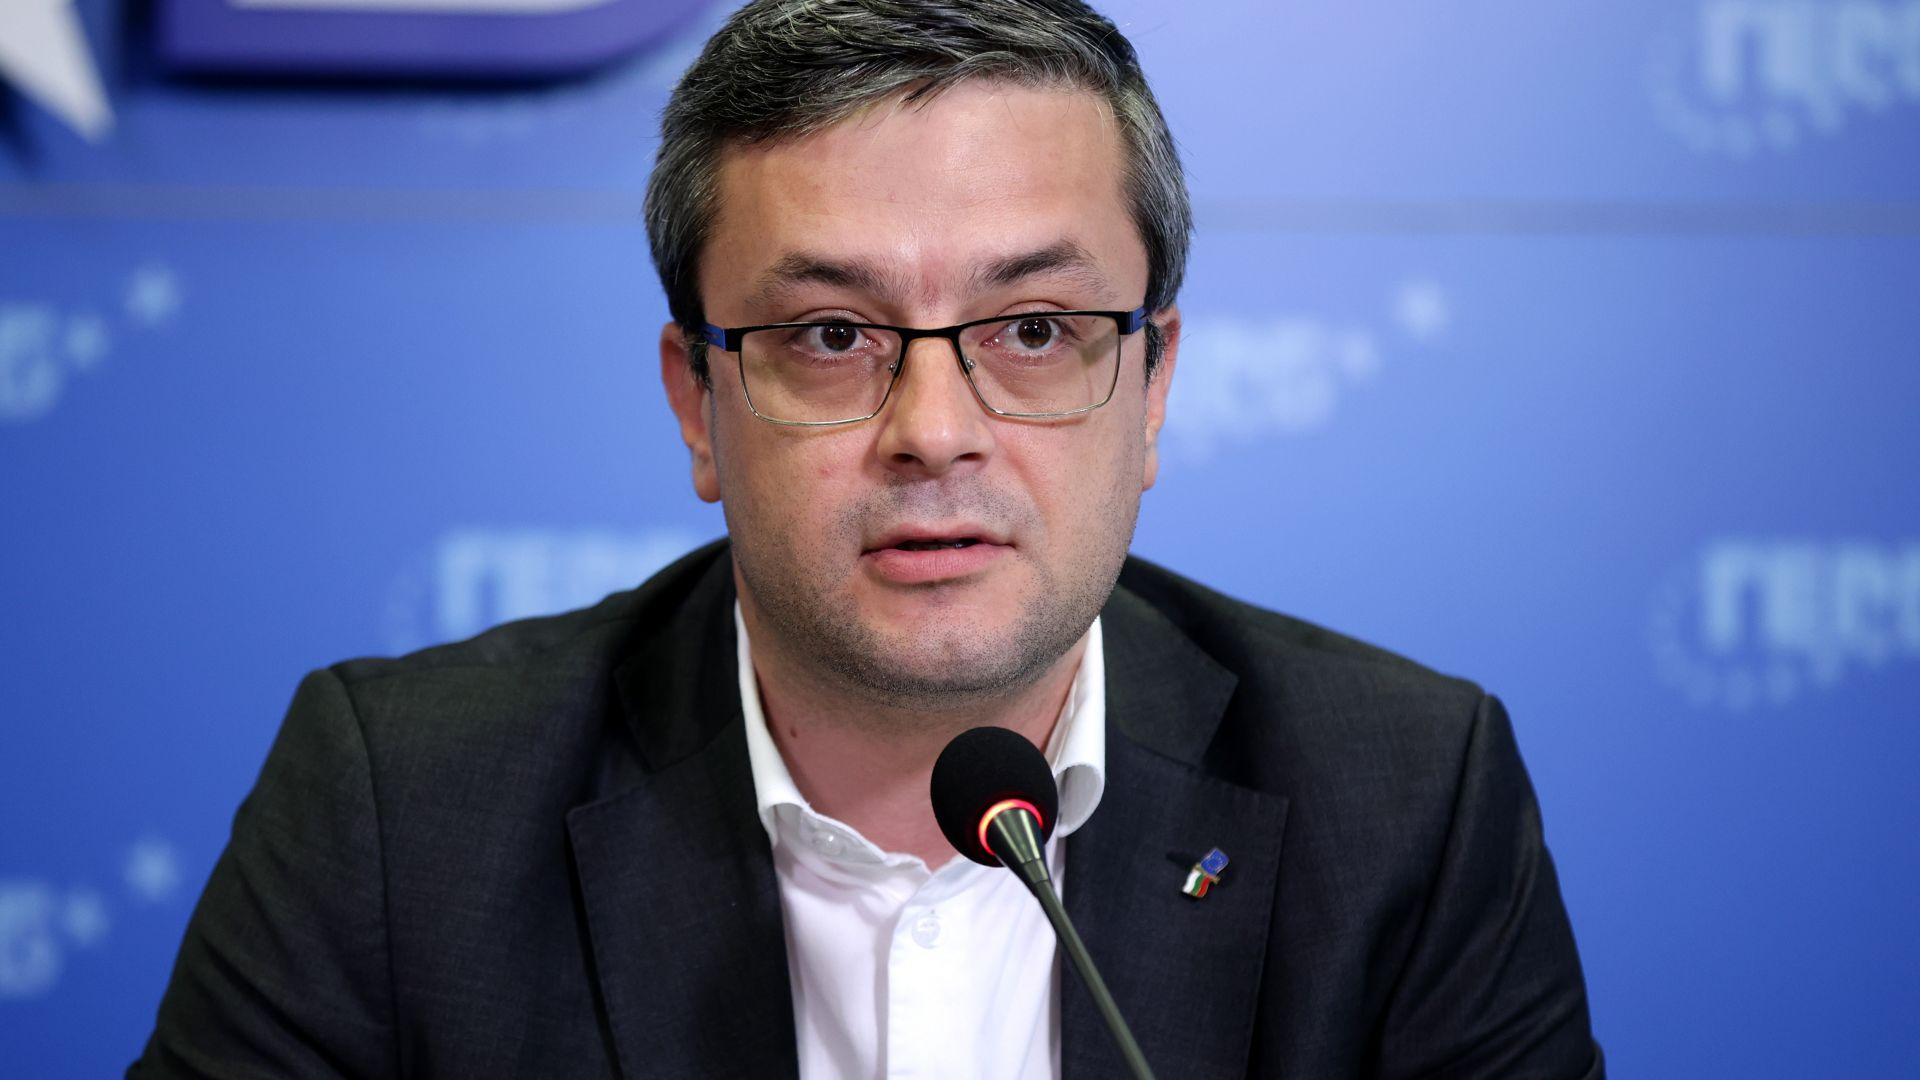 Тома Биков: Кандидат-президентът на ГЕРБ няма да е силов, а диалогичен човек